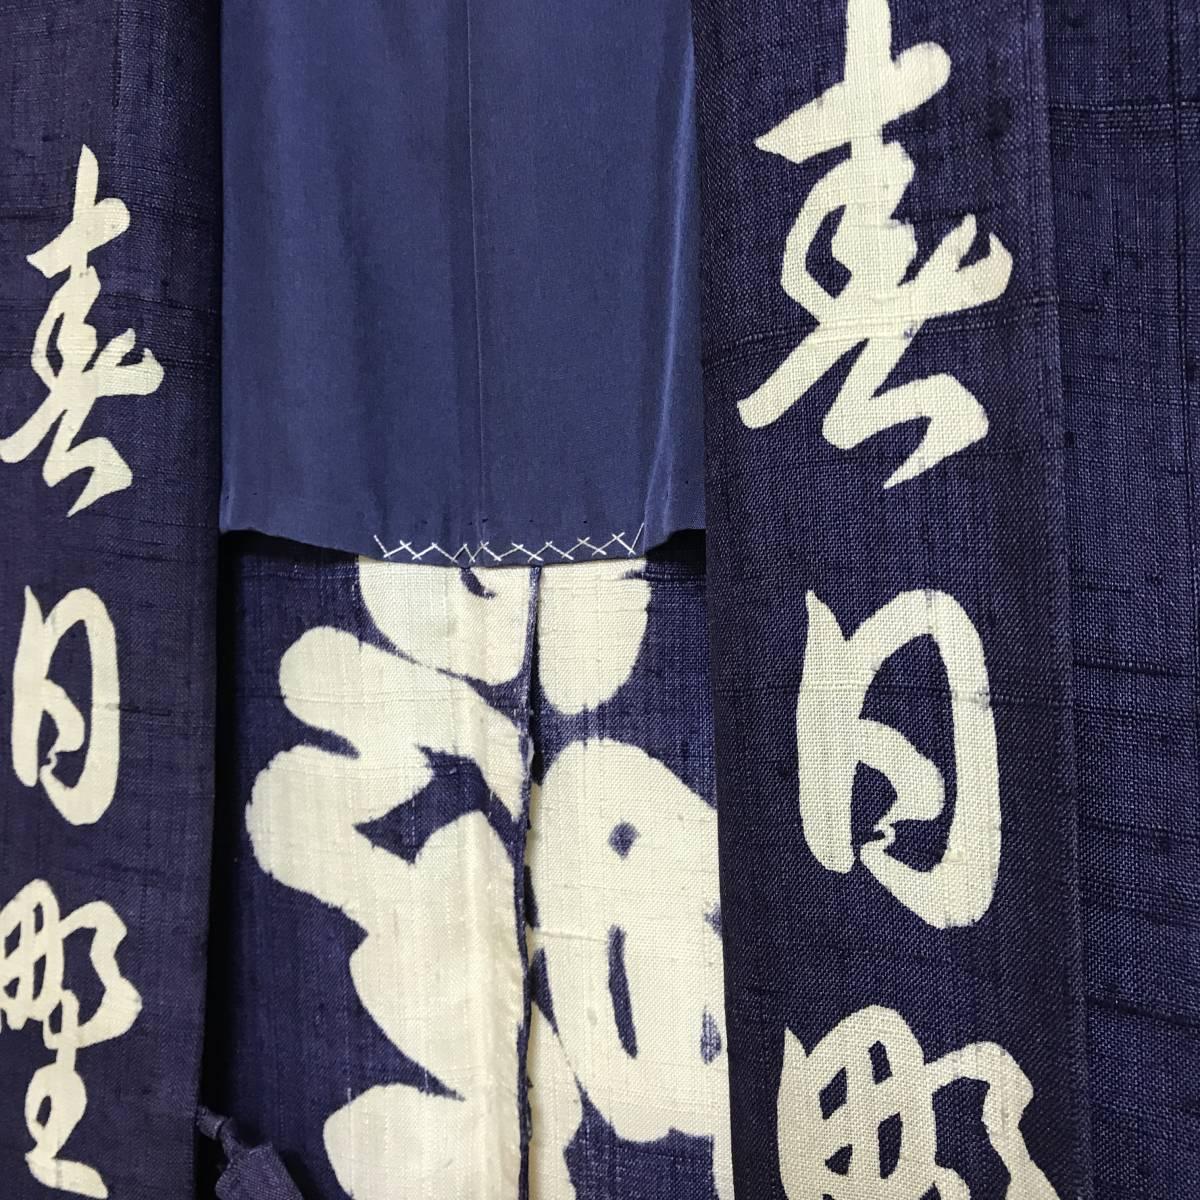 ◆激レア◆大相撲 呼出しさんの衣装 羽織り『春日野』紫色(相撲 呼び出し 行司 衣装 着物 和服 男性 珍品 レア)_画像5